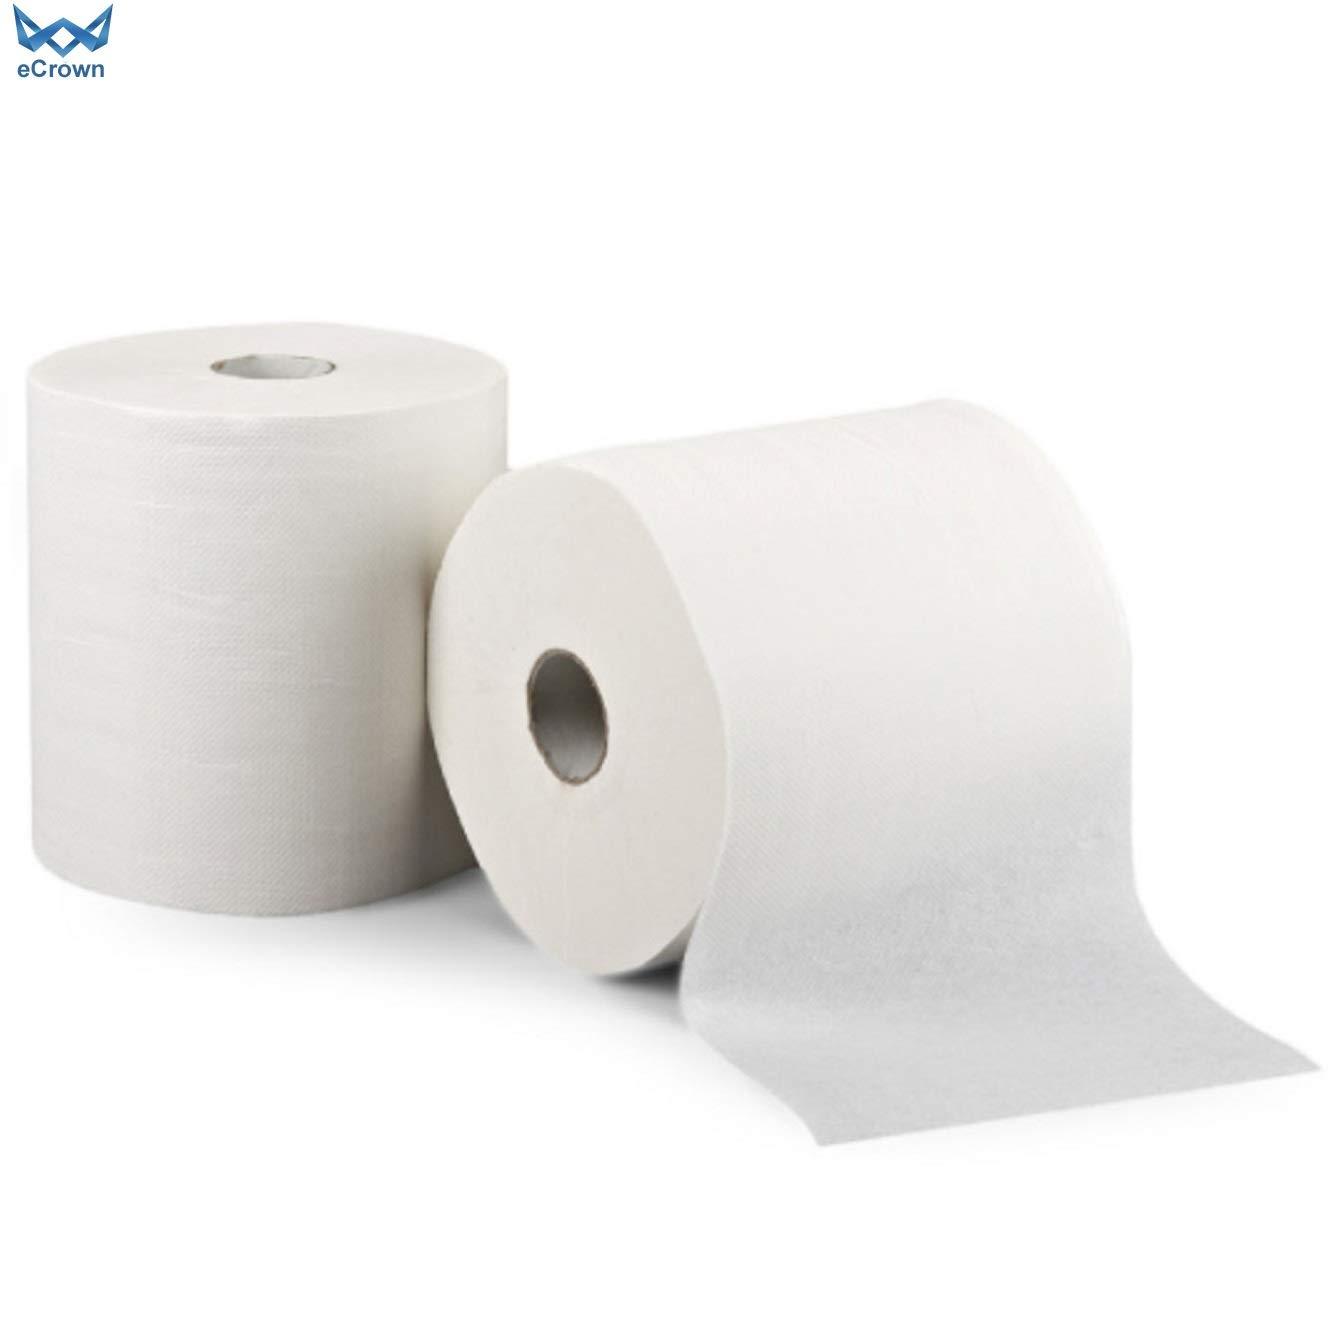 Enov Versatwin 2 Ply Toilet Tissue White ~ 24 Rolls